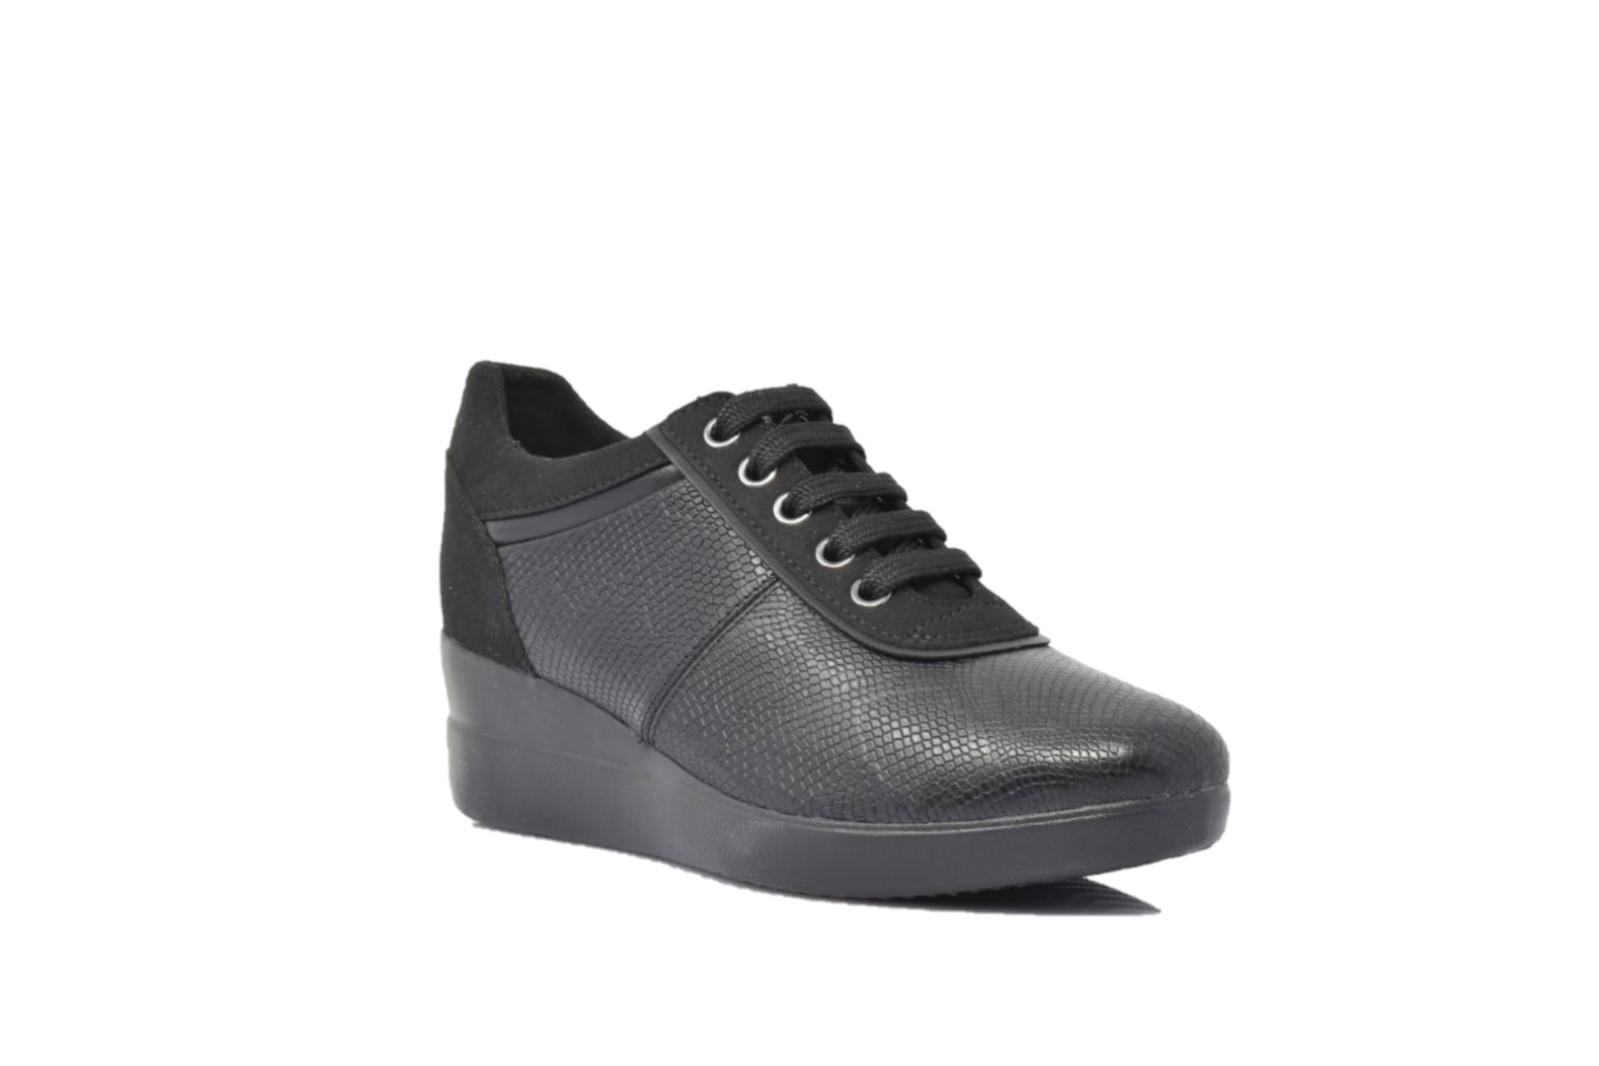 6a9cd20d48 GEOX STARDUST Sneaker Pelle Black